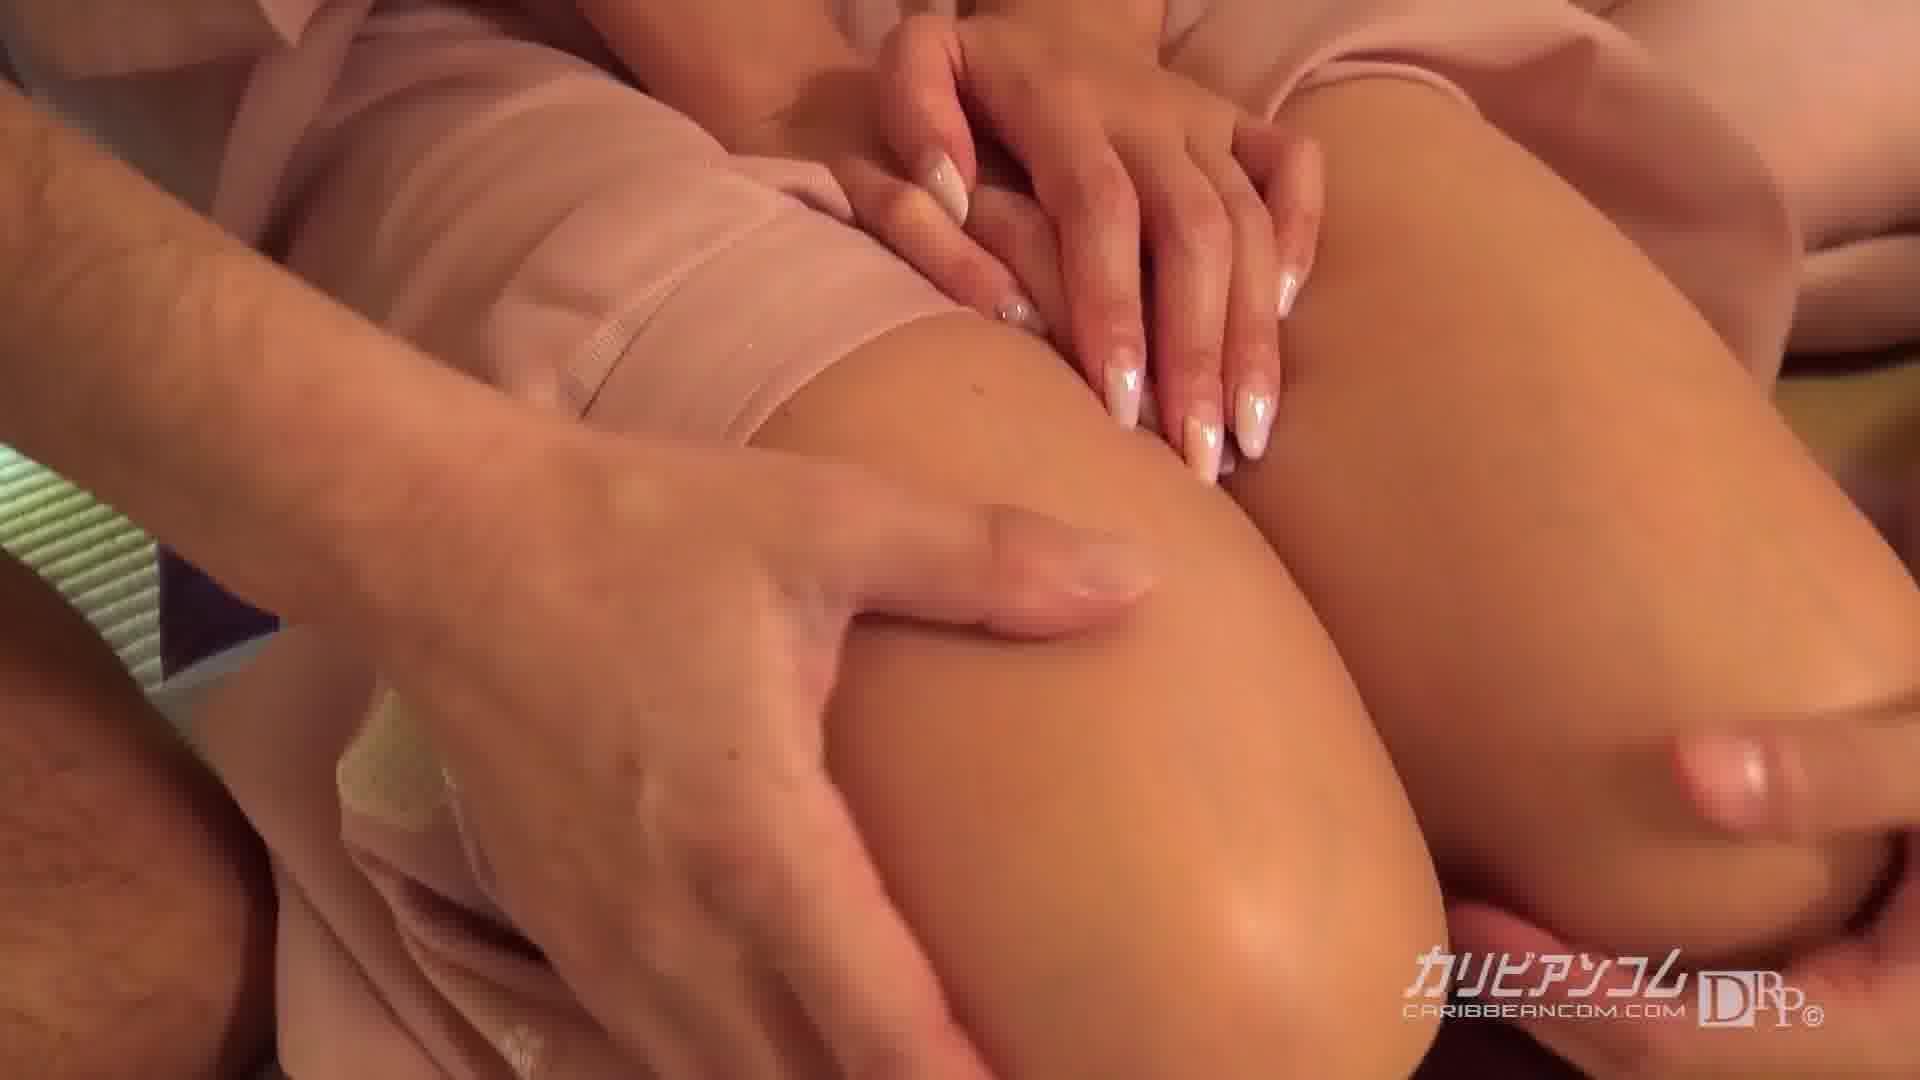 ダイナマイト 北条麻妃 - 北条麻妃【乱交・ぶっかけ・浴衣】